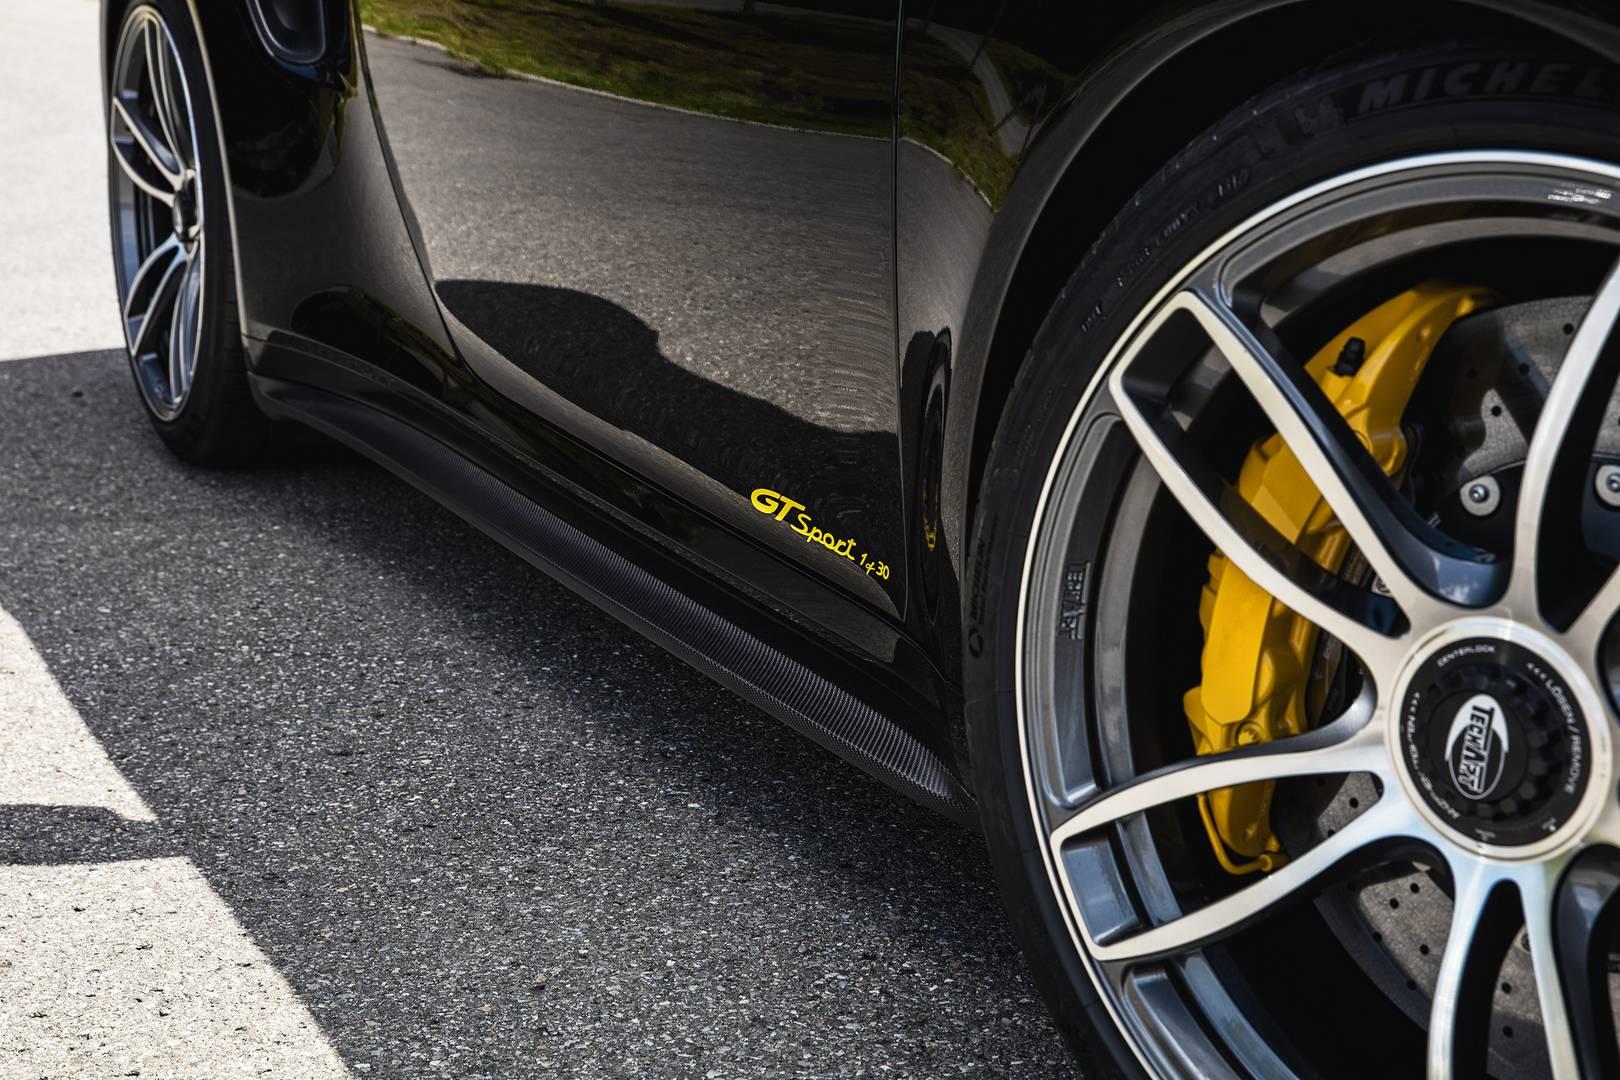 911 Turbo S получает 640 л.с. вместо 580 л.с. стандартной модели вместе с 880 Нм крутящего момента. Разгон до 100 км/ч занимает 2,7 секунды до максимальной скорости 338 км/ч.